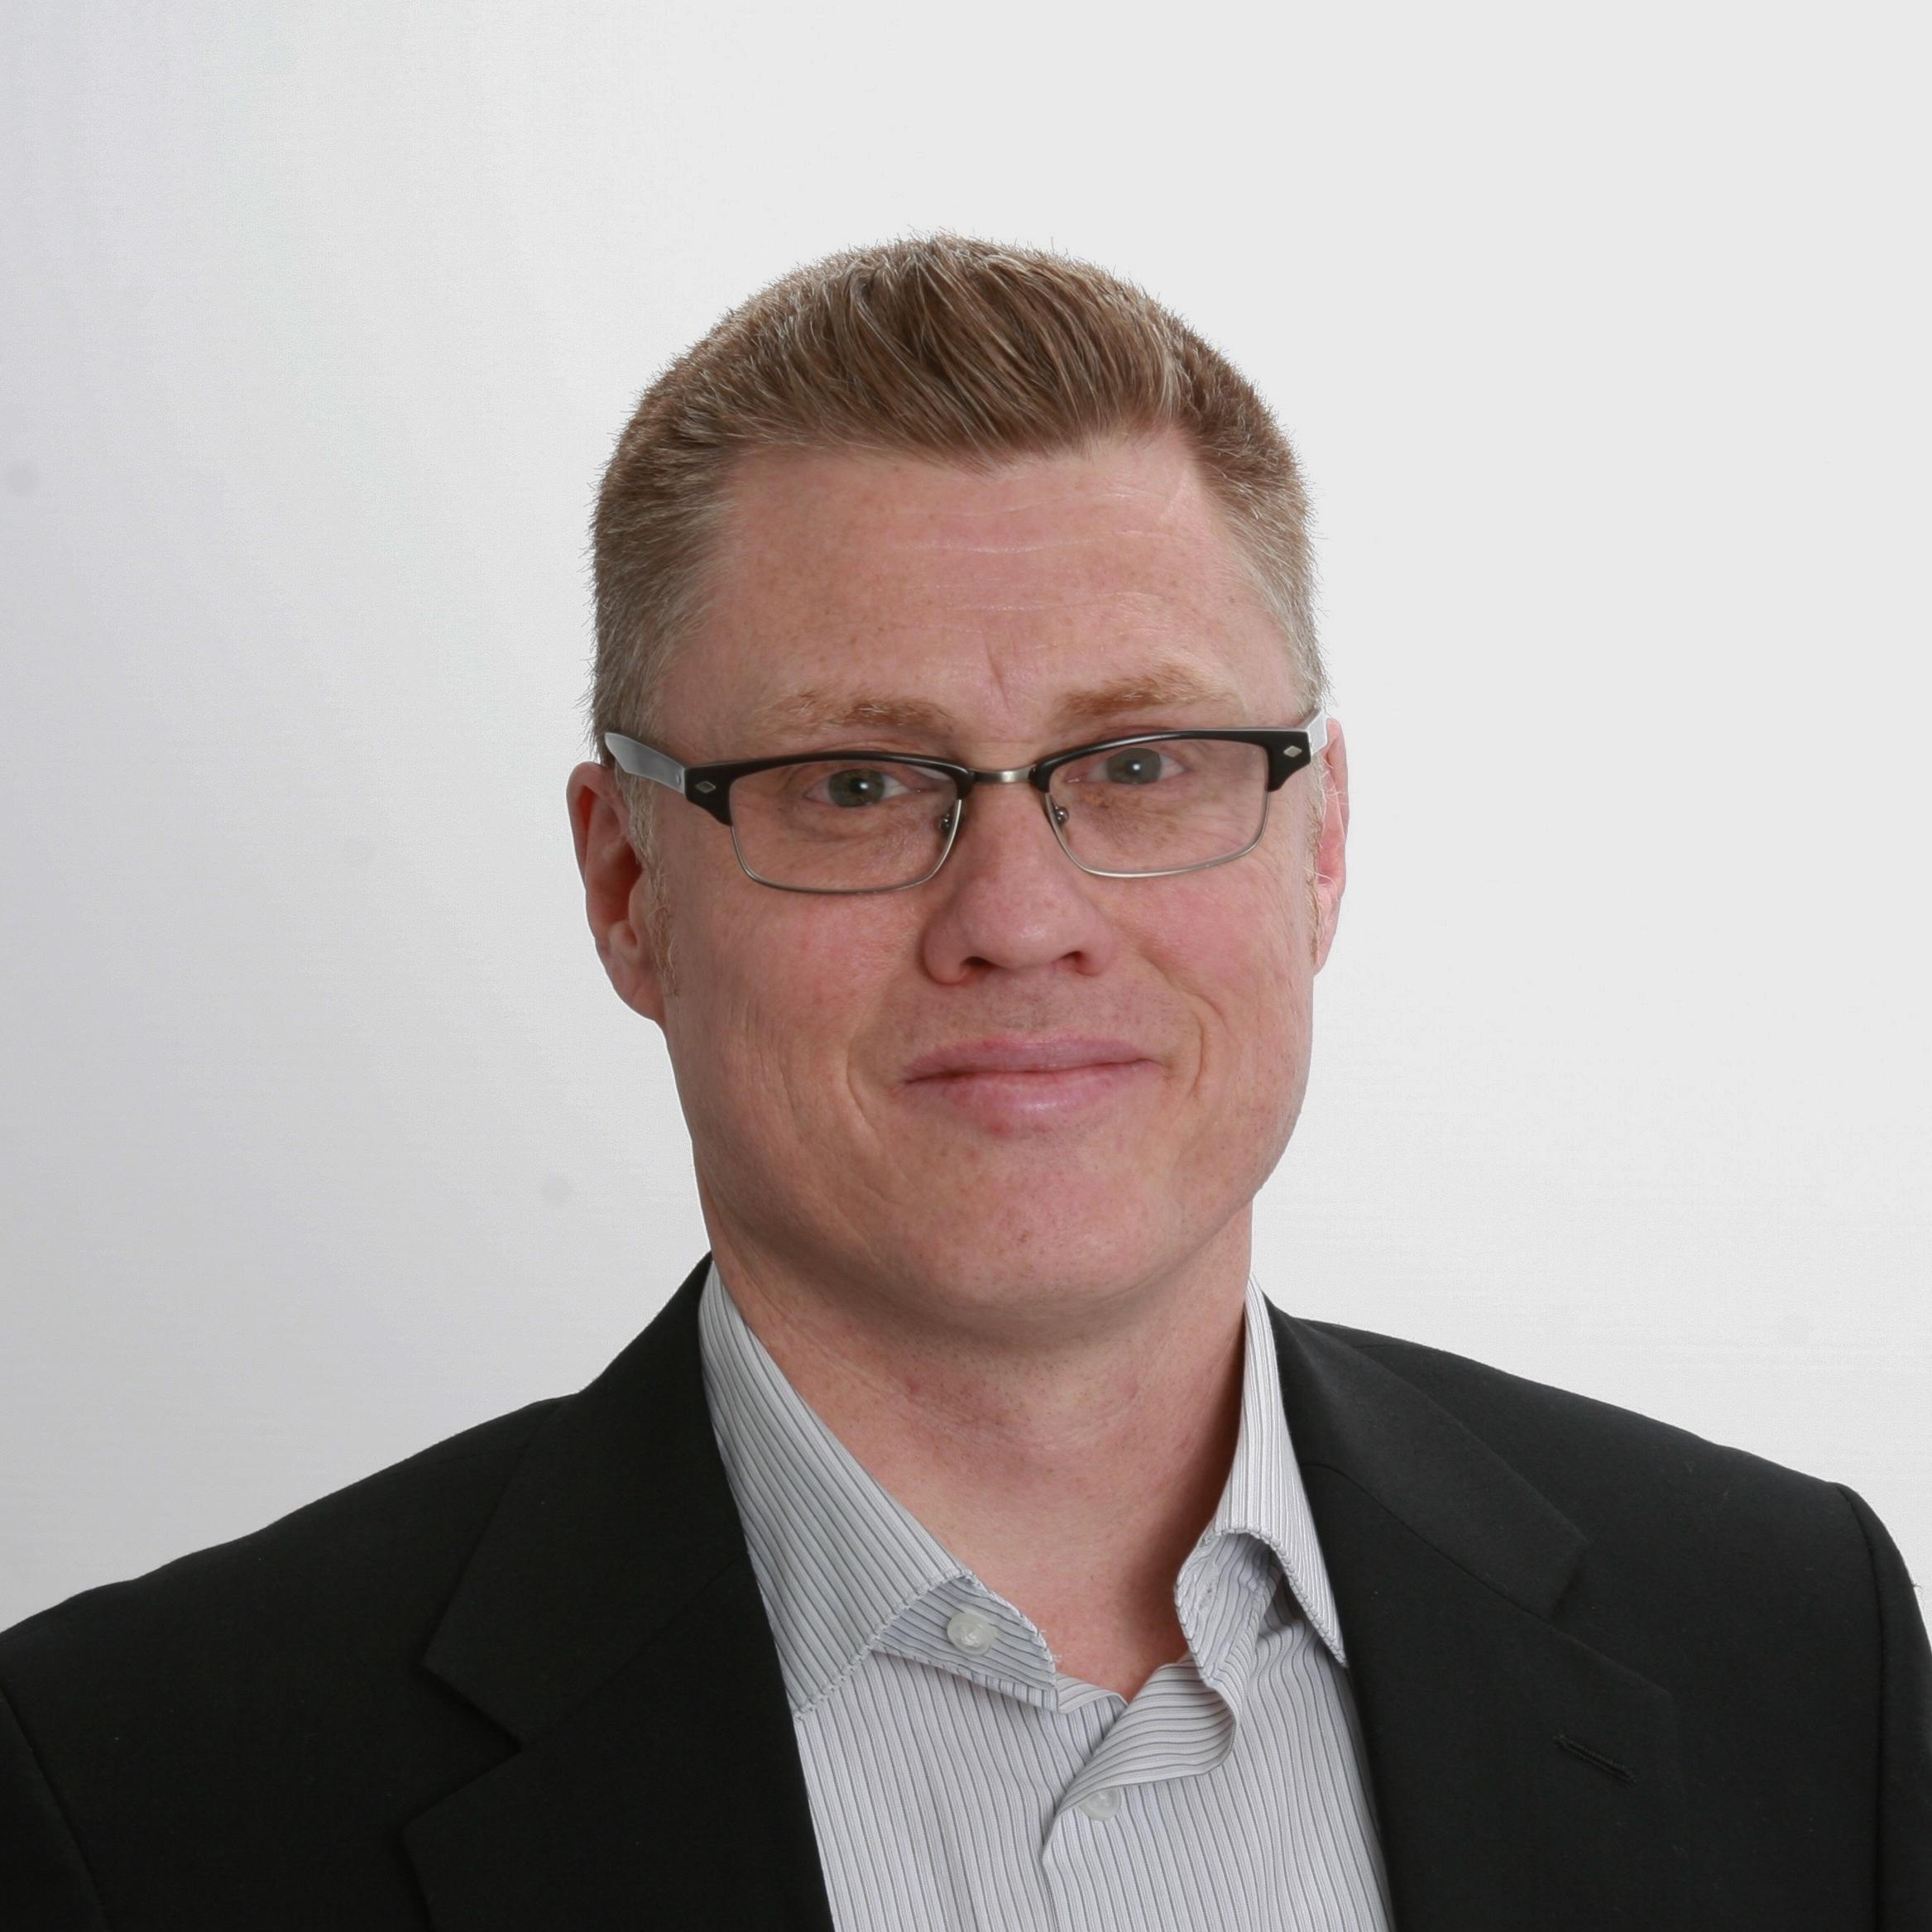 Grant Pendergraft